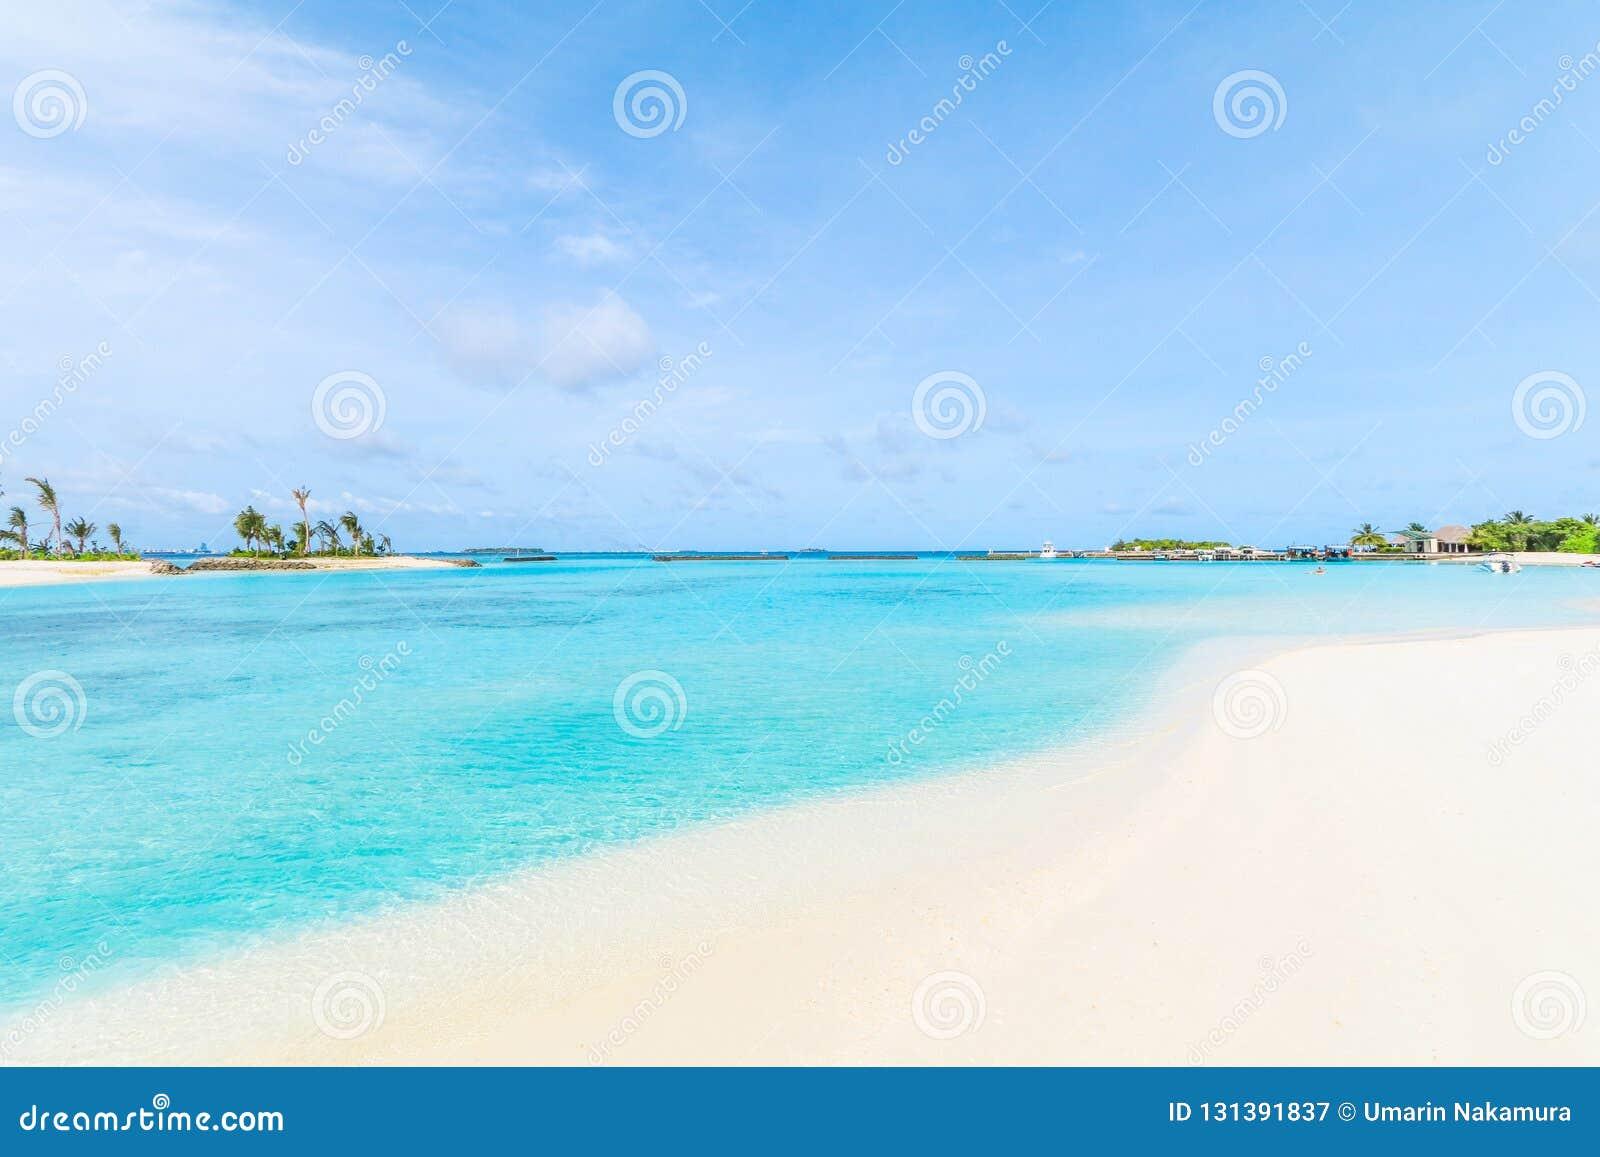 马尔代夫、美丽的绿松石水域和白色沙滩的令人惊讶的海岛有天空蔚蓝背景